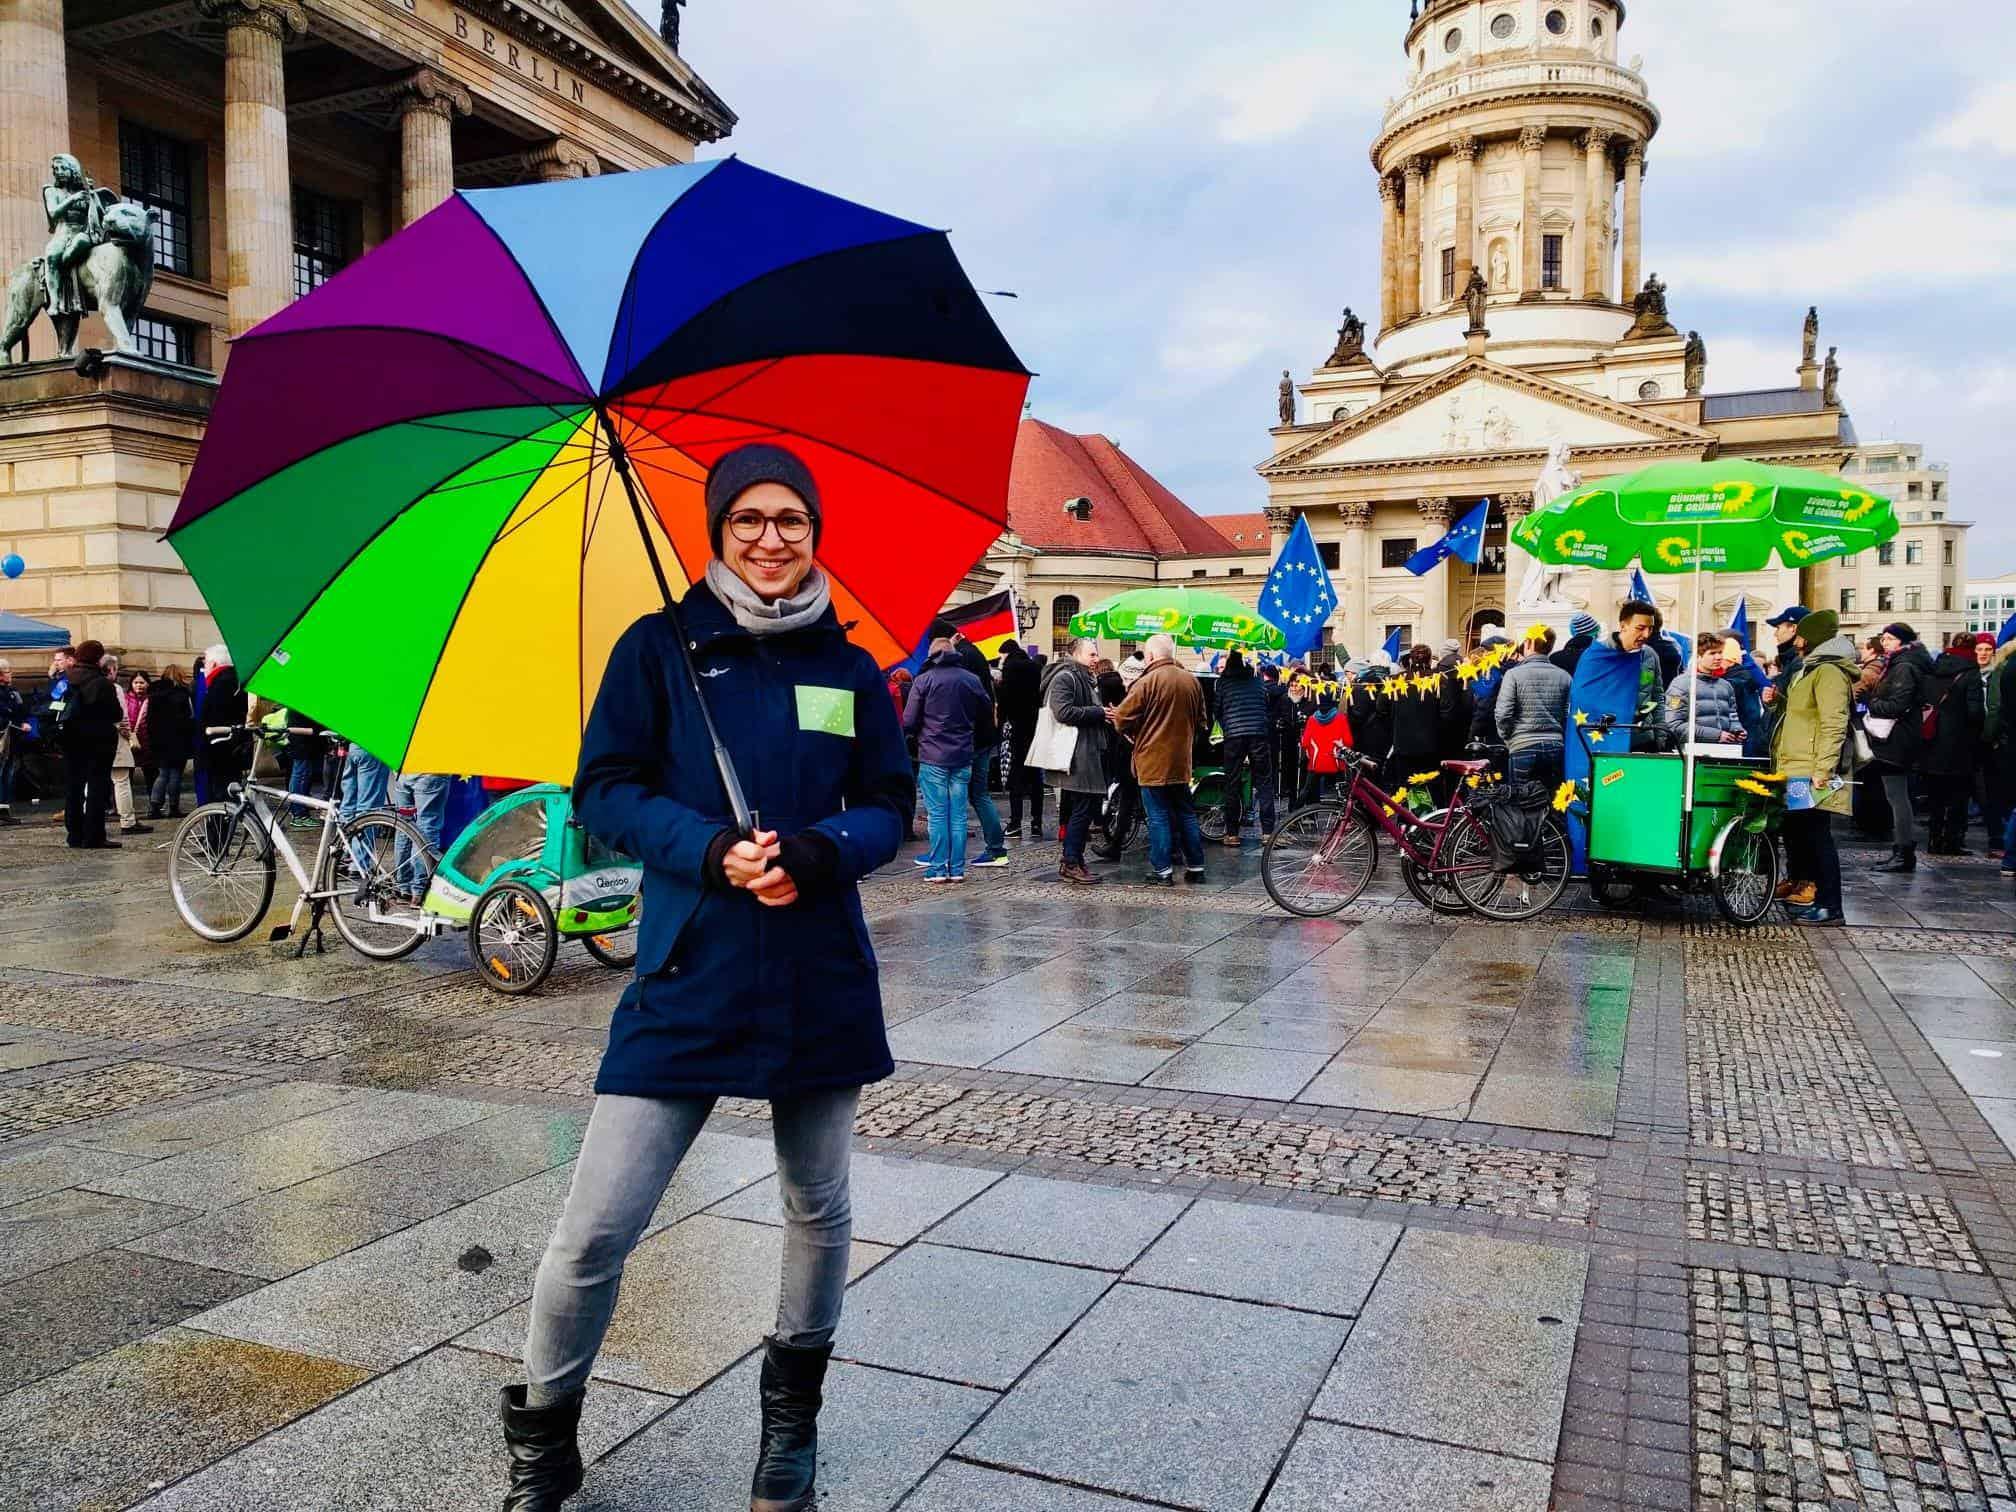 Hannah mit einem Regenbogenschirm